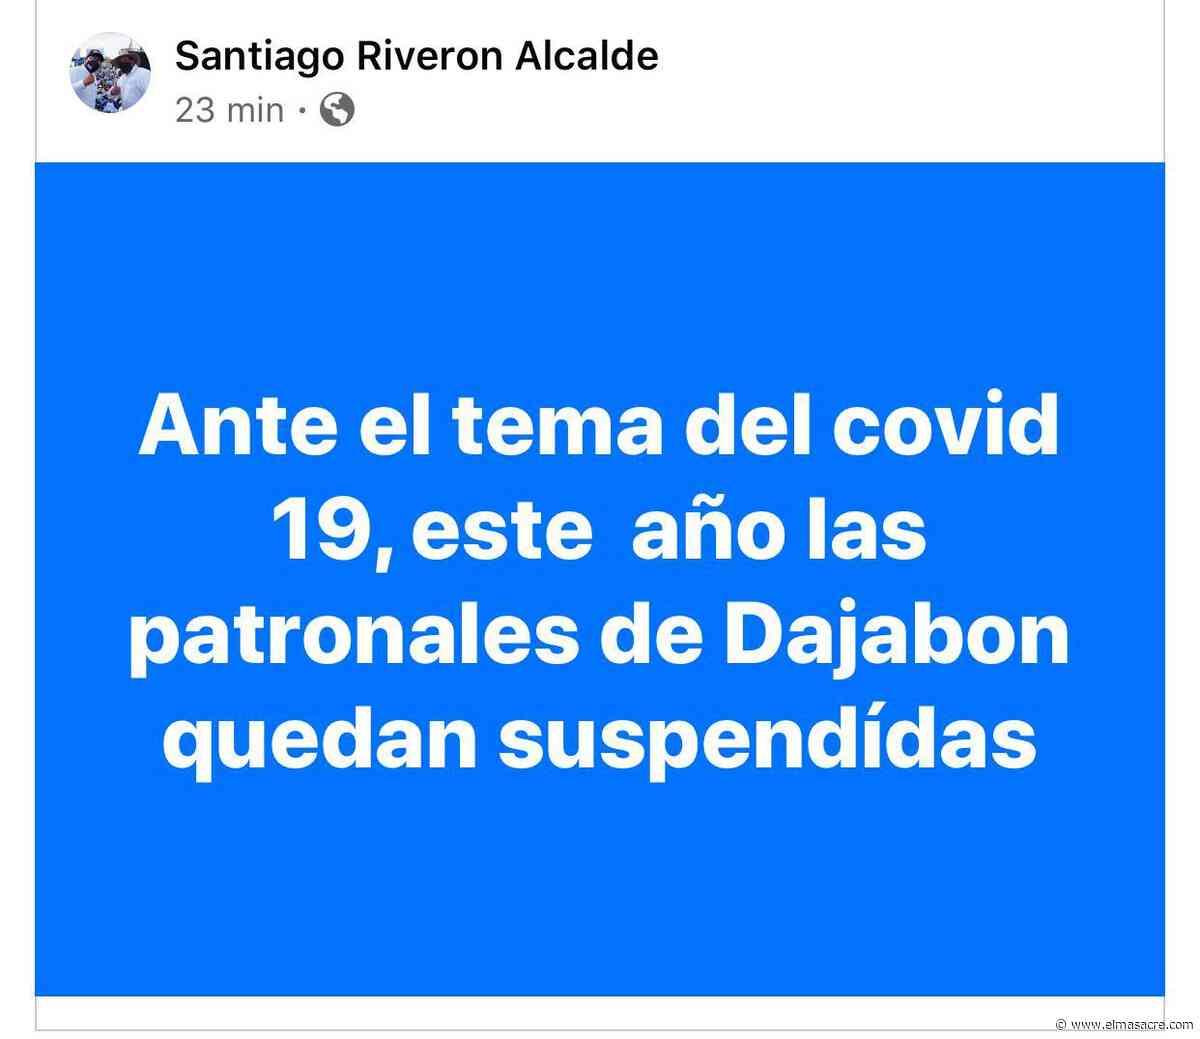 Ayuntamiento cancela patronales de Dajabón - El Masacre